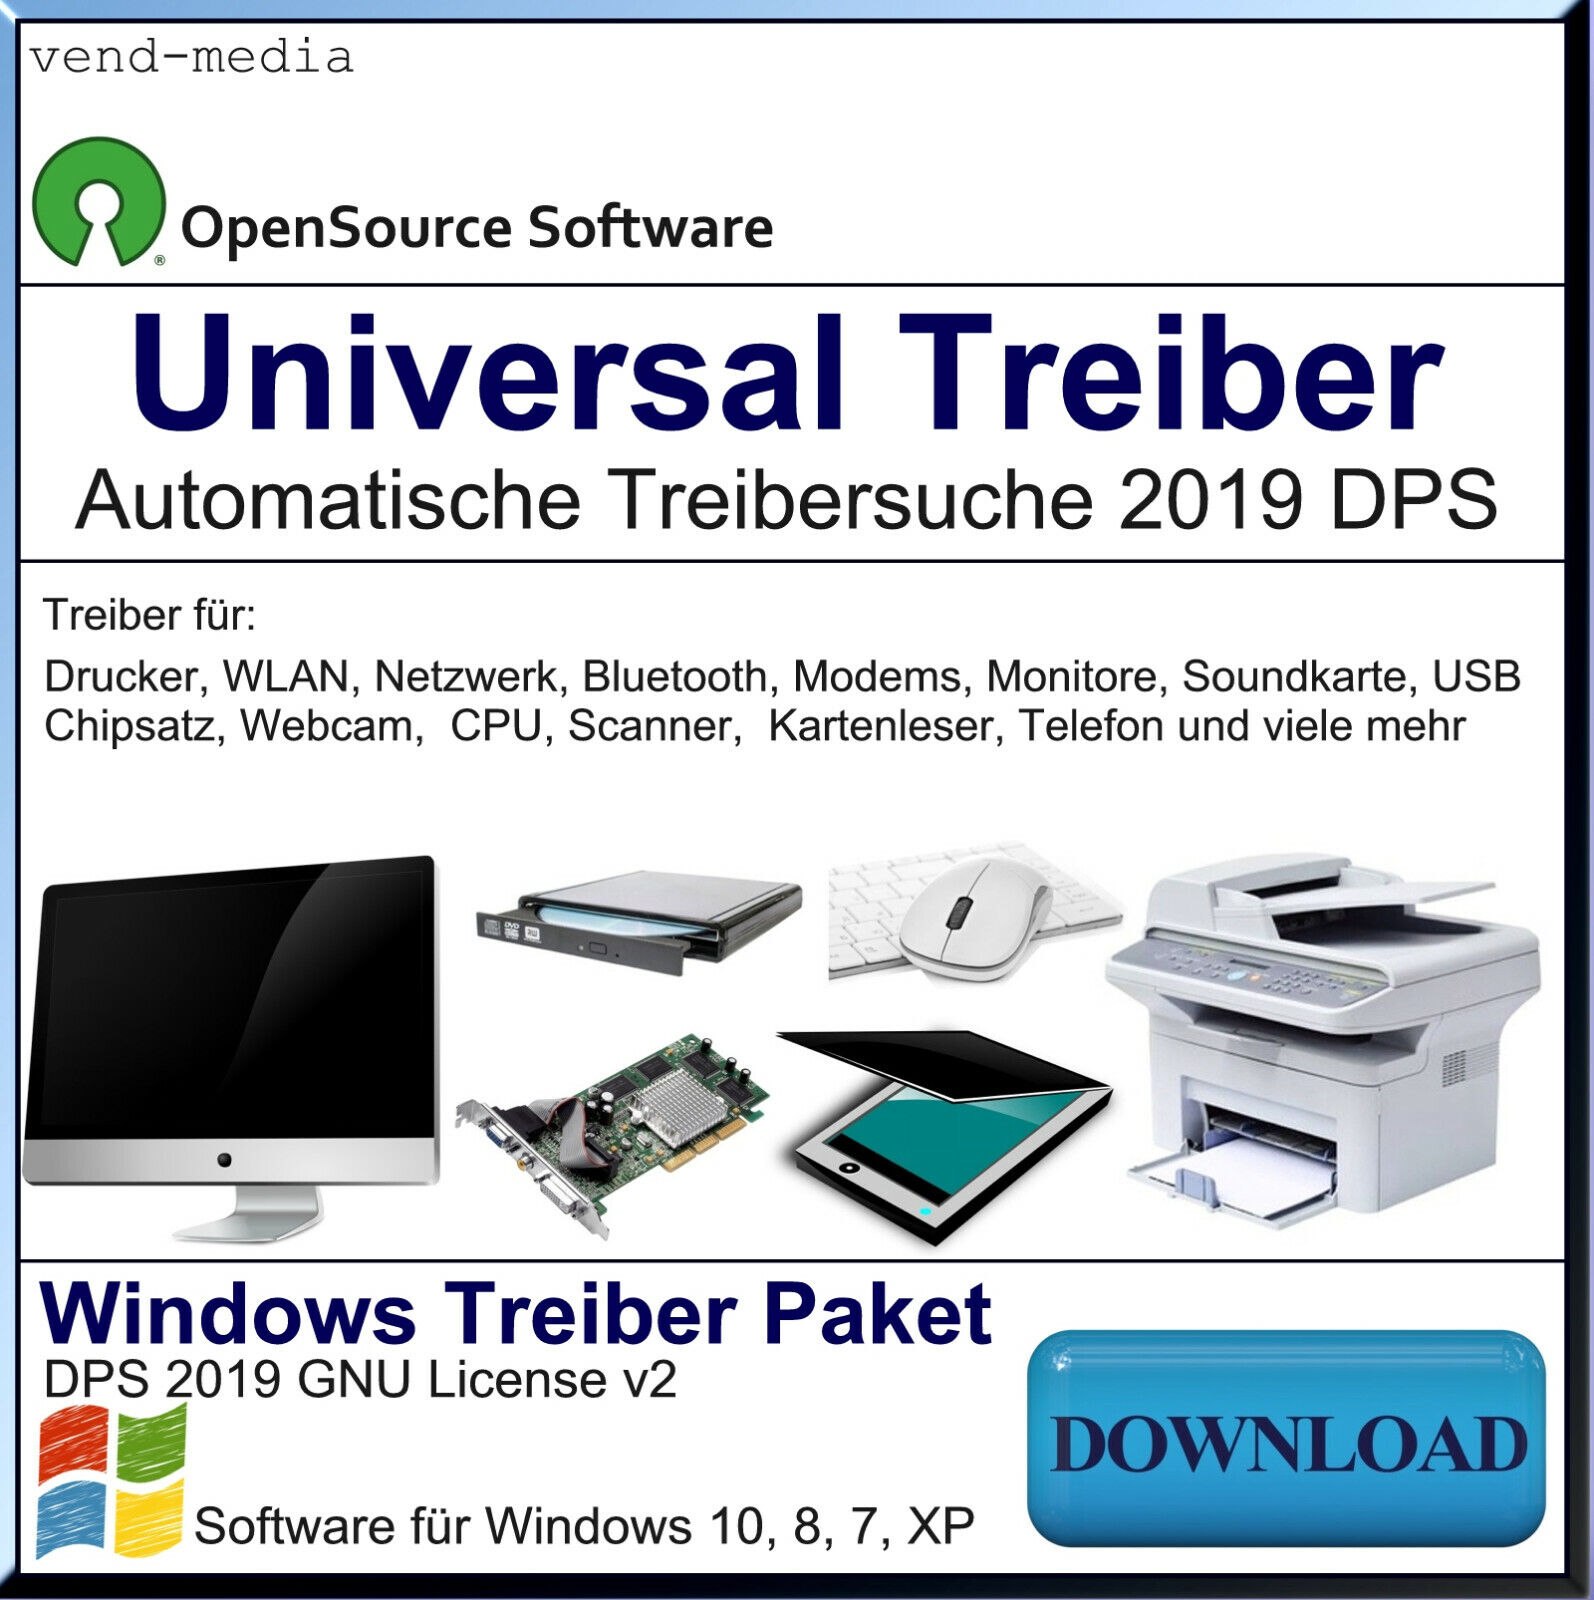 treiber download windows 10